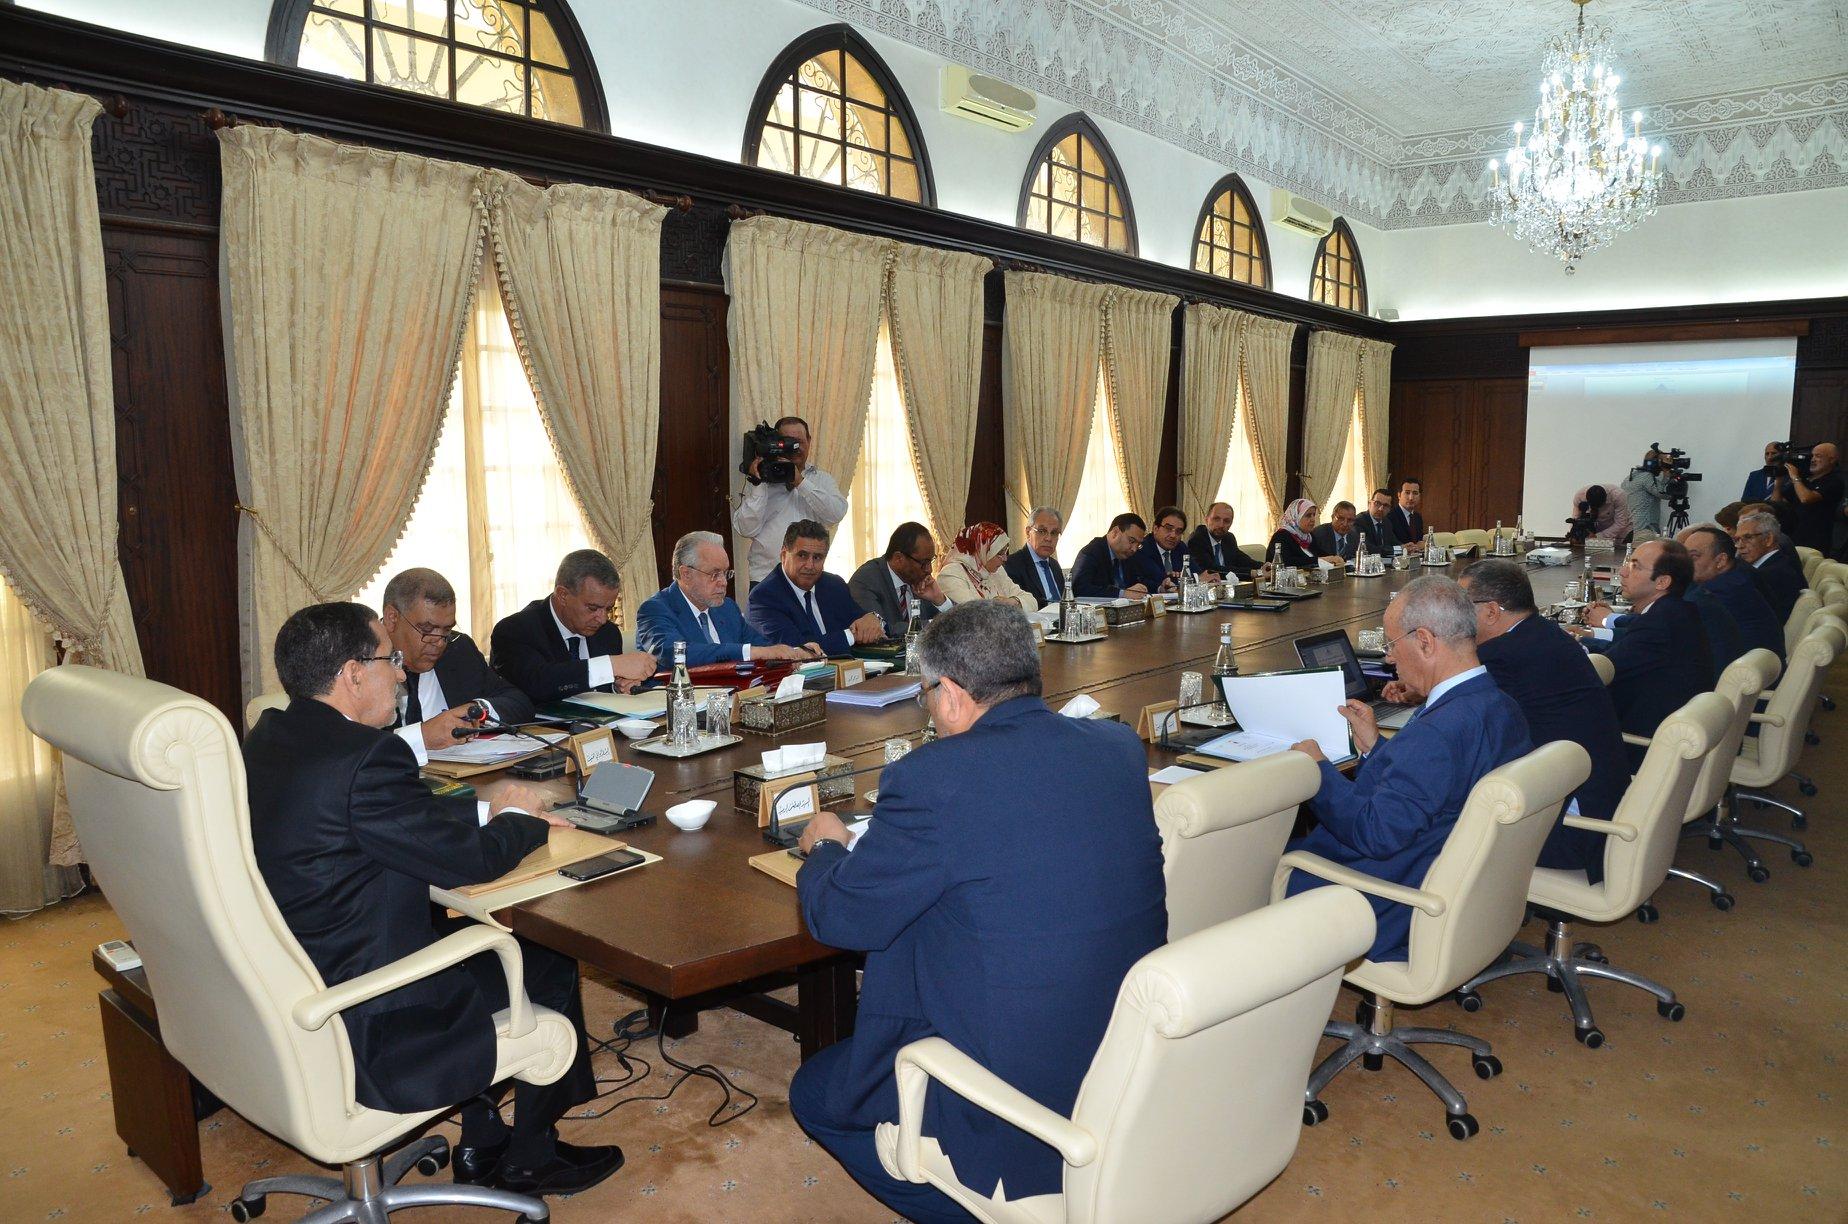 عودة الوزراء من عطلتهم السنوية وأول اجتماع لمجلس الحكومة